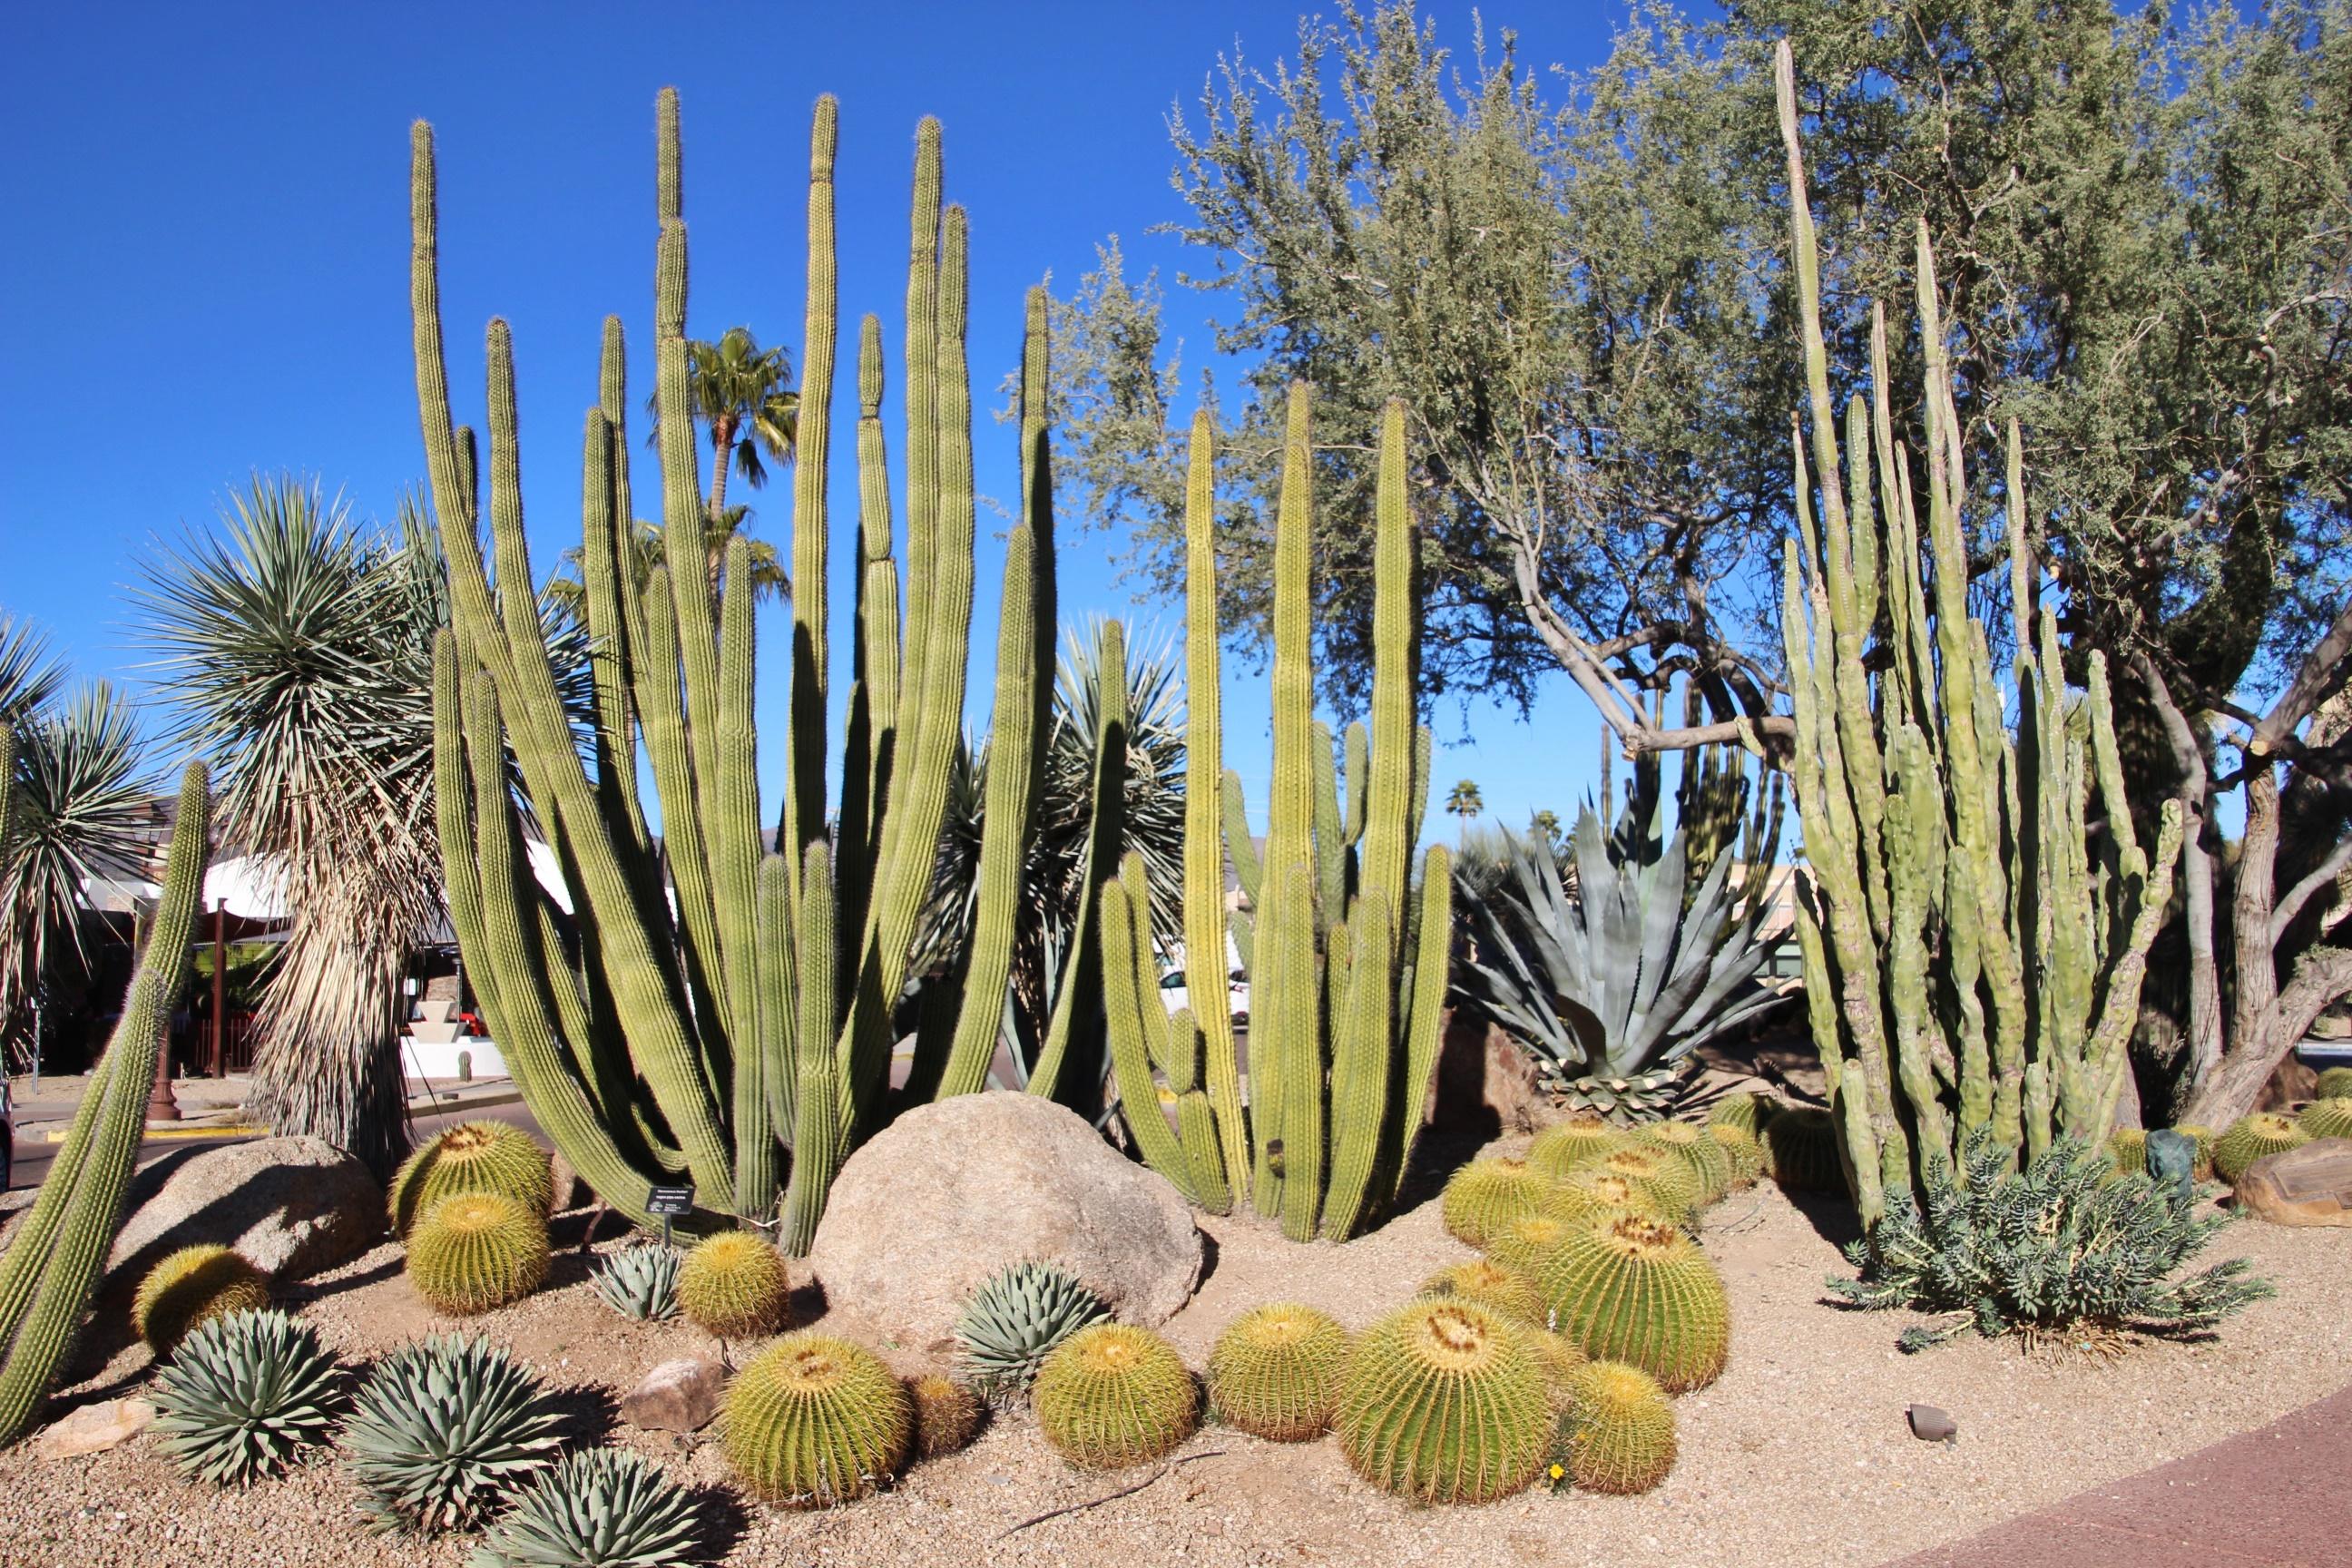 cacti at carefree desert gardens